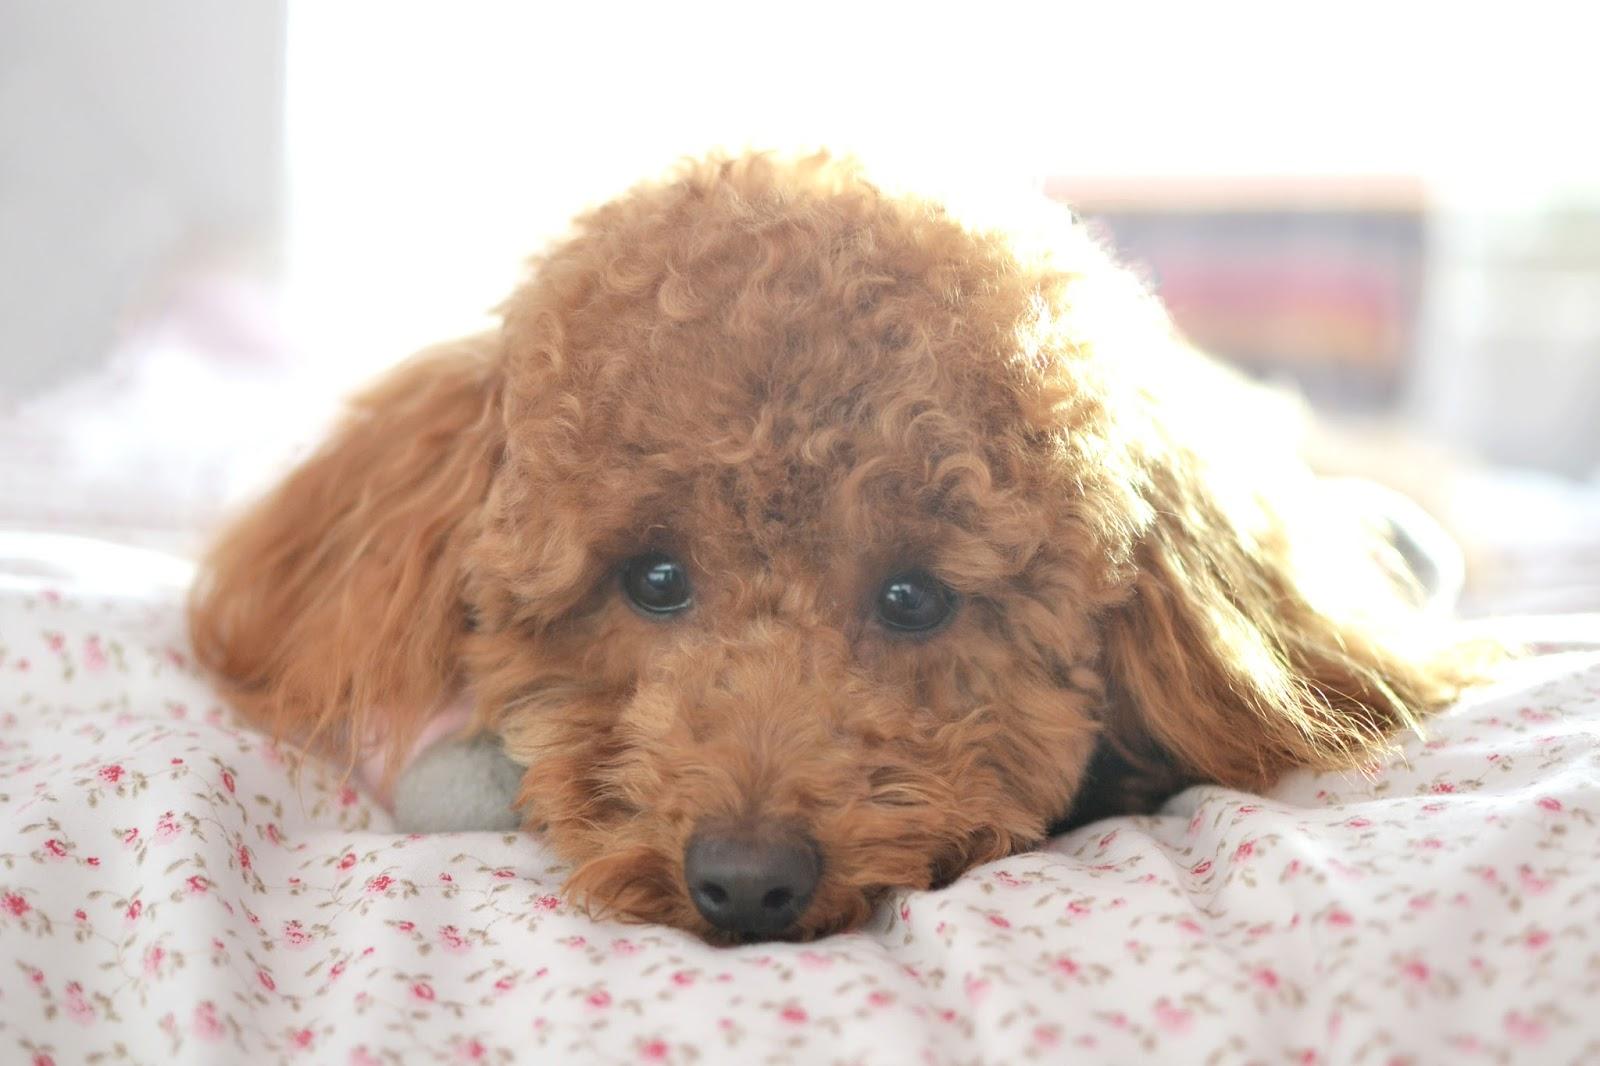 miniature poodle, toy poodle, poodle, apricot poodle